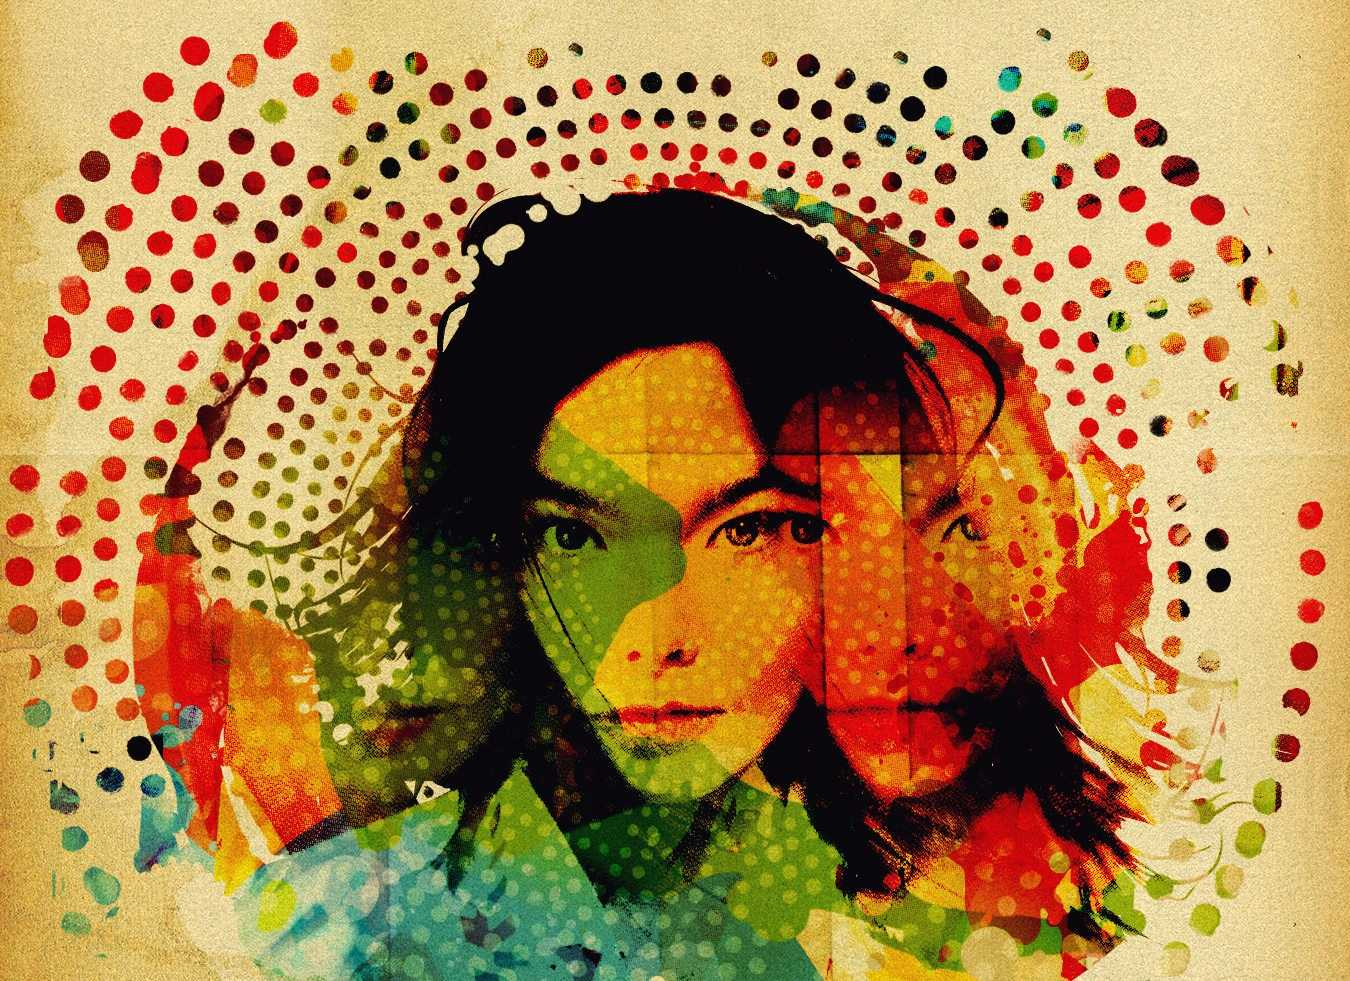 Новый альбом Björk можно будет купить только за криптовалюты